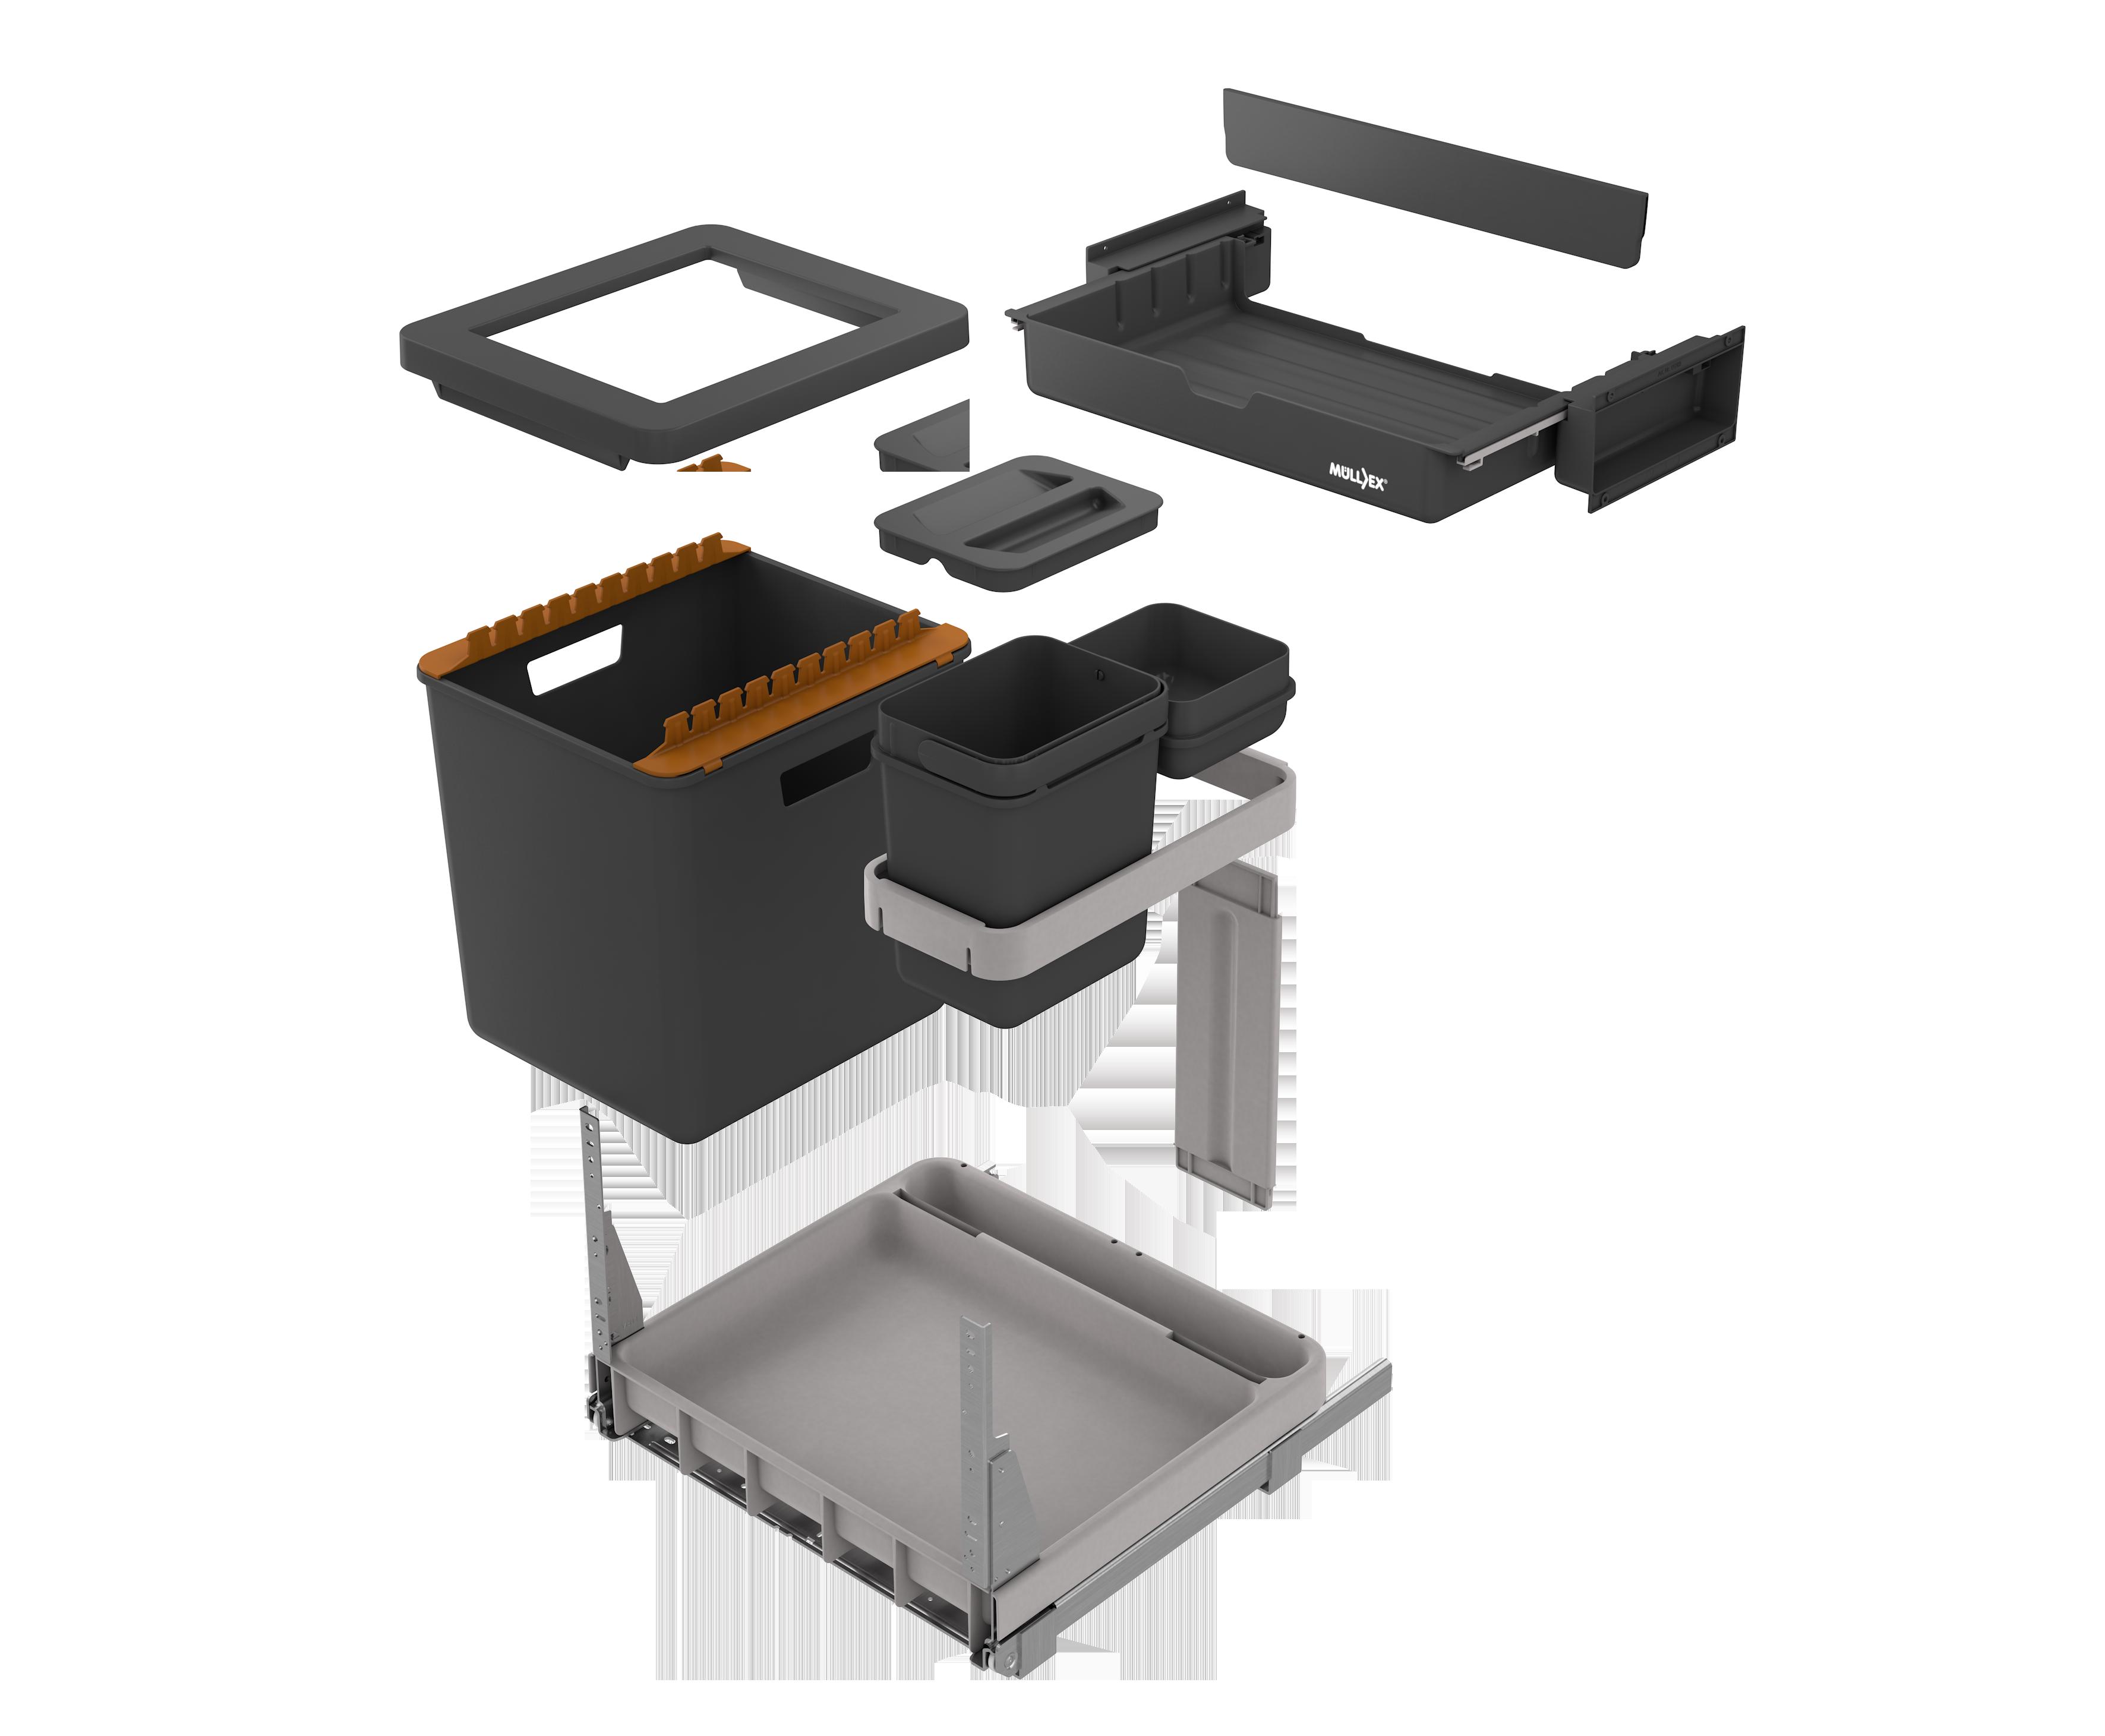 BOXX-R - ideale per ristrutturazione cucina